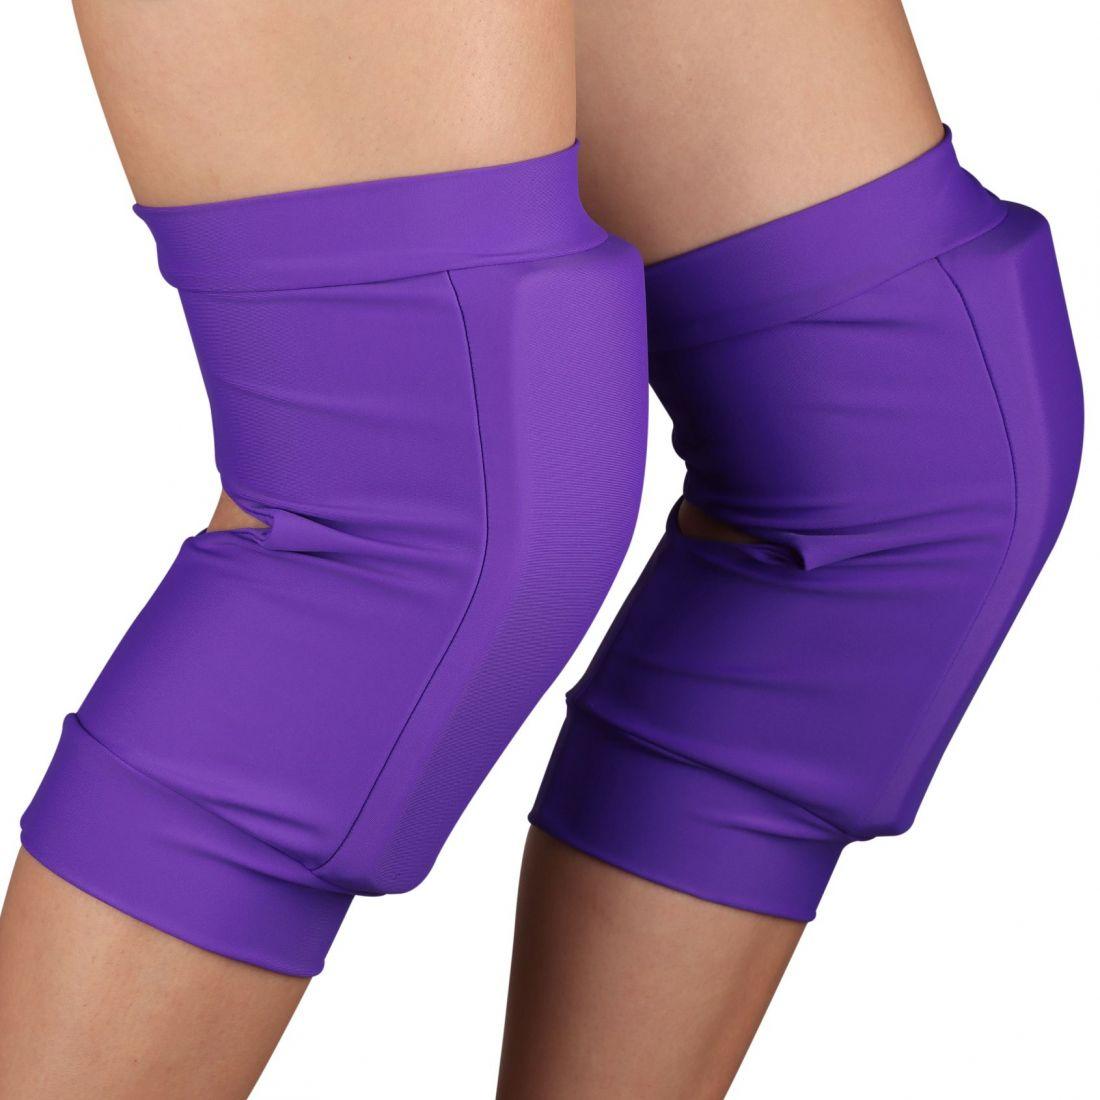 Наколенники для танцев и гимнастики INDIGO NORA SM-377 бифлекс фиолетовые